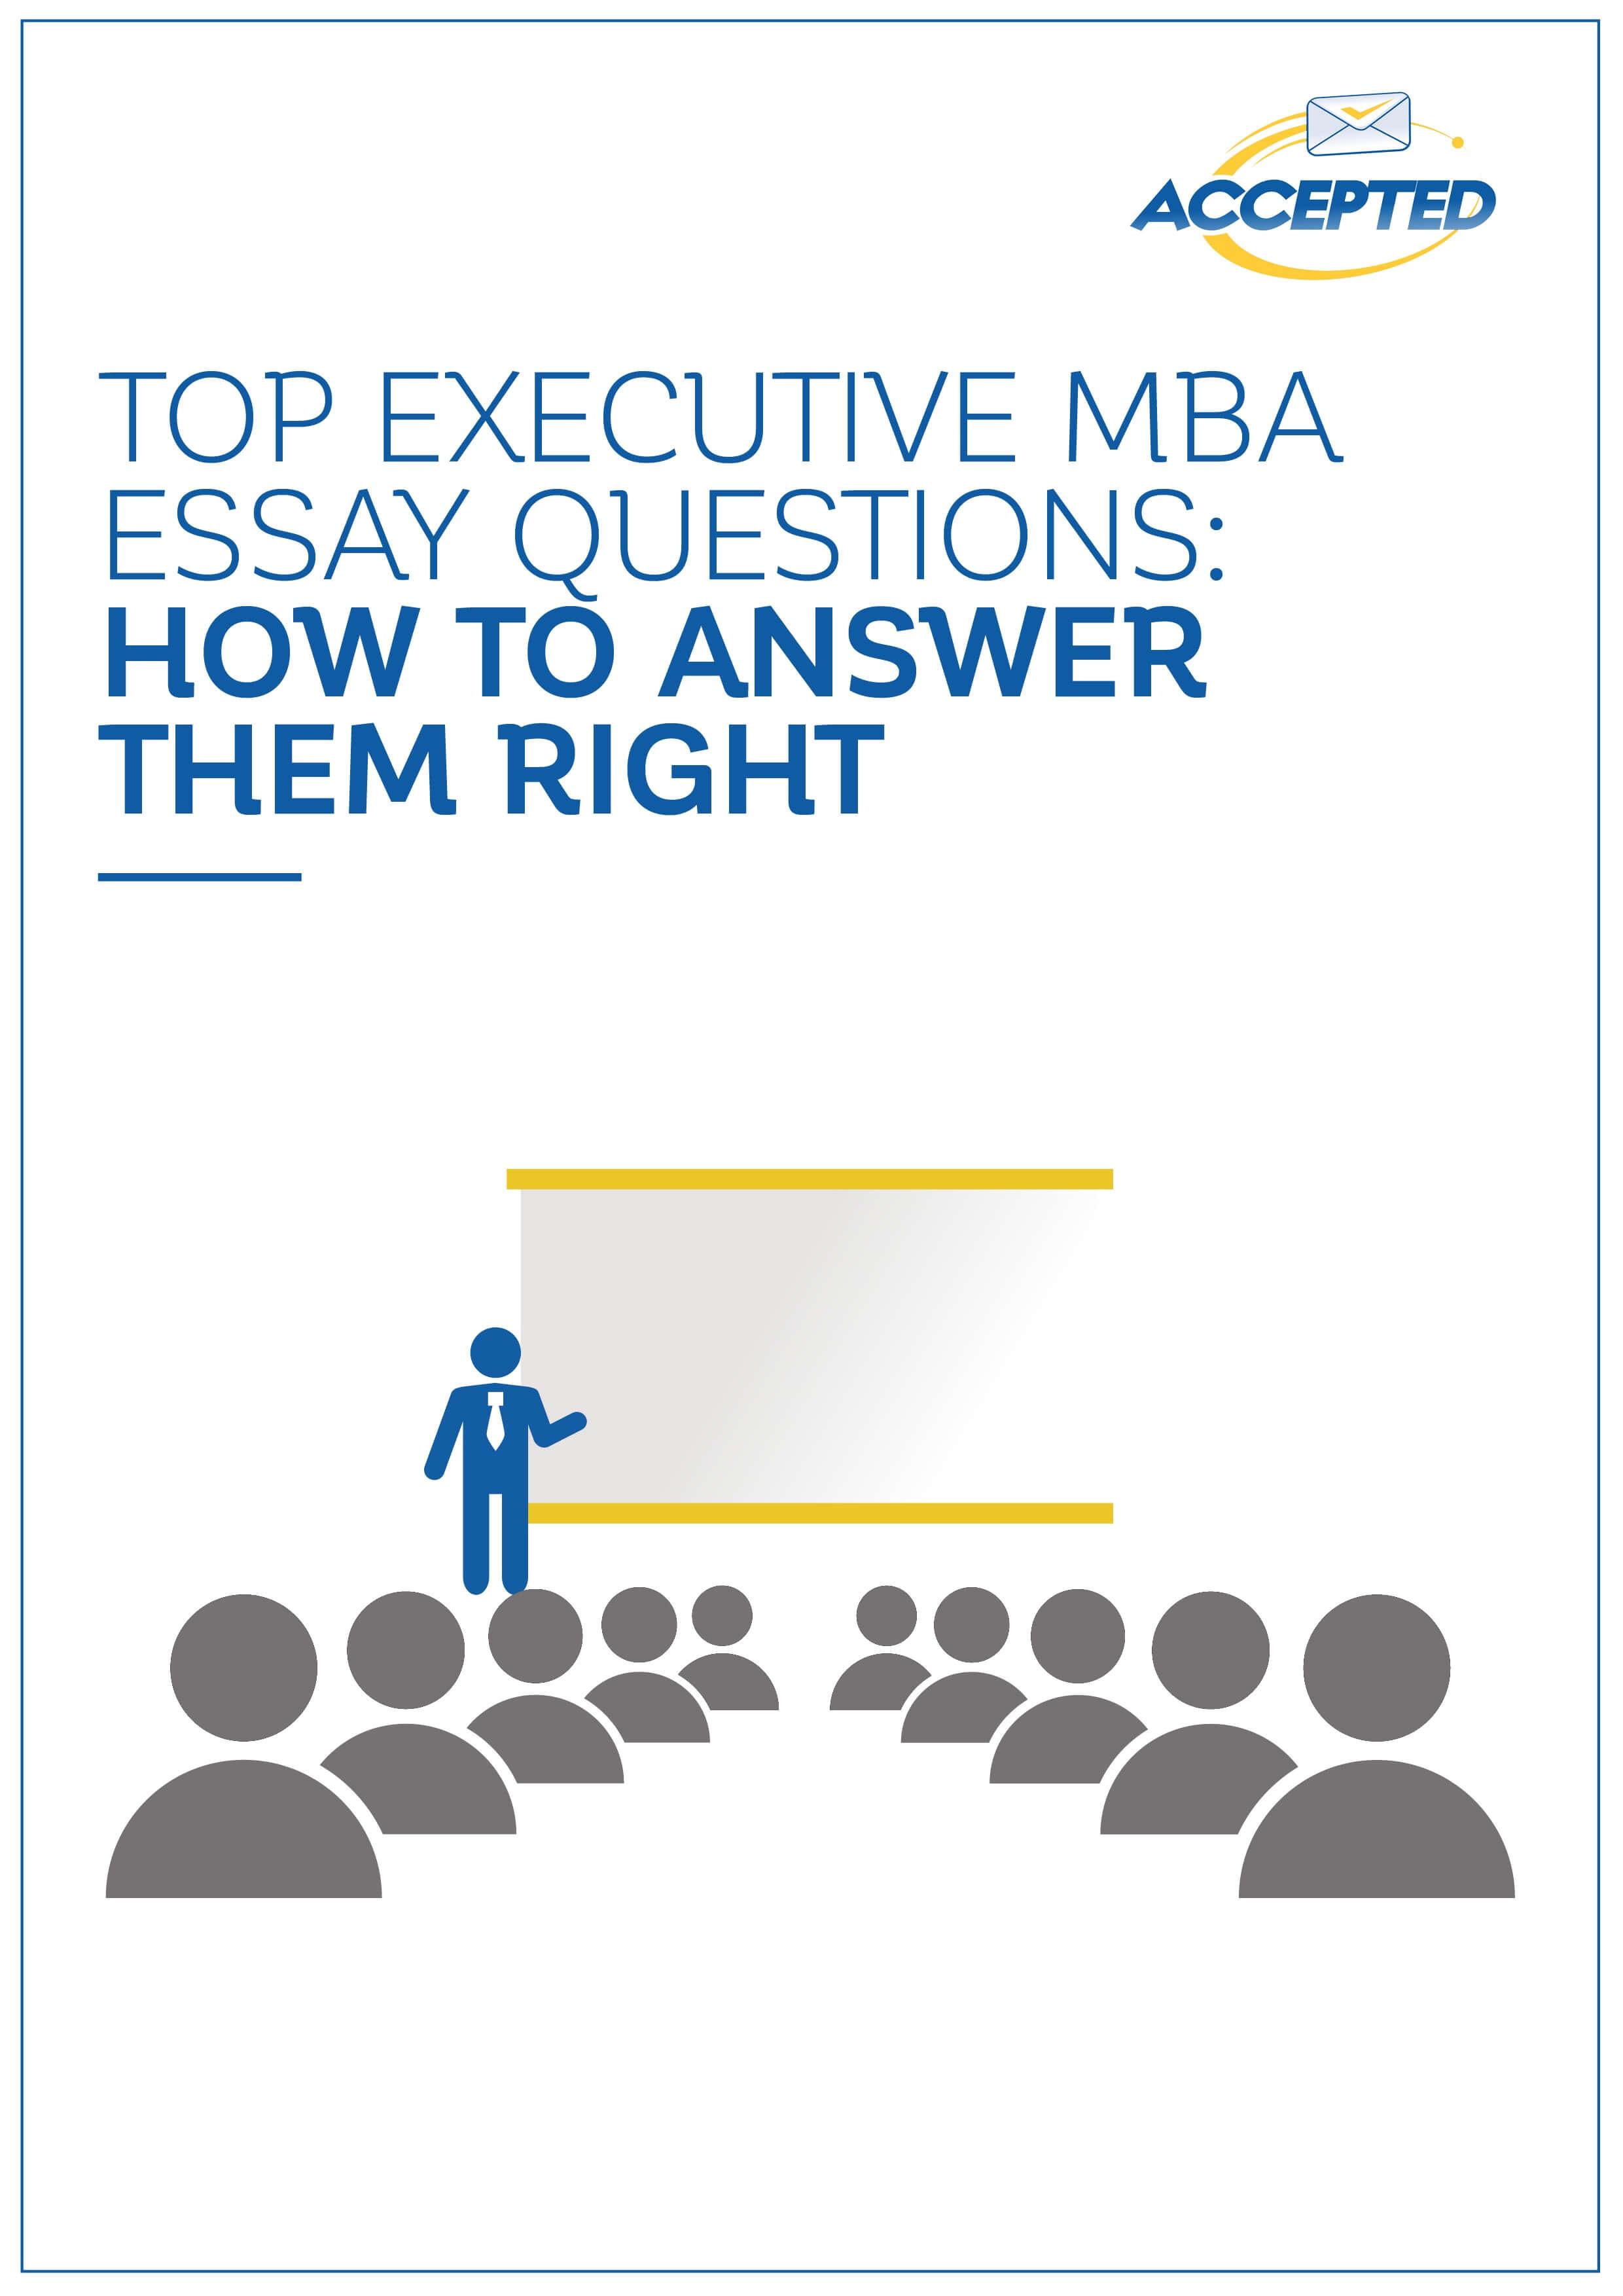 Top_EMBA_Essay_Questions.jpg